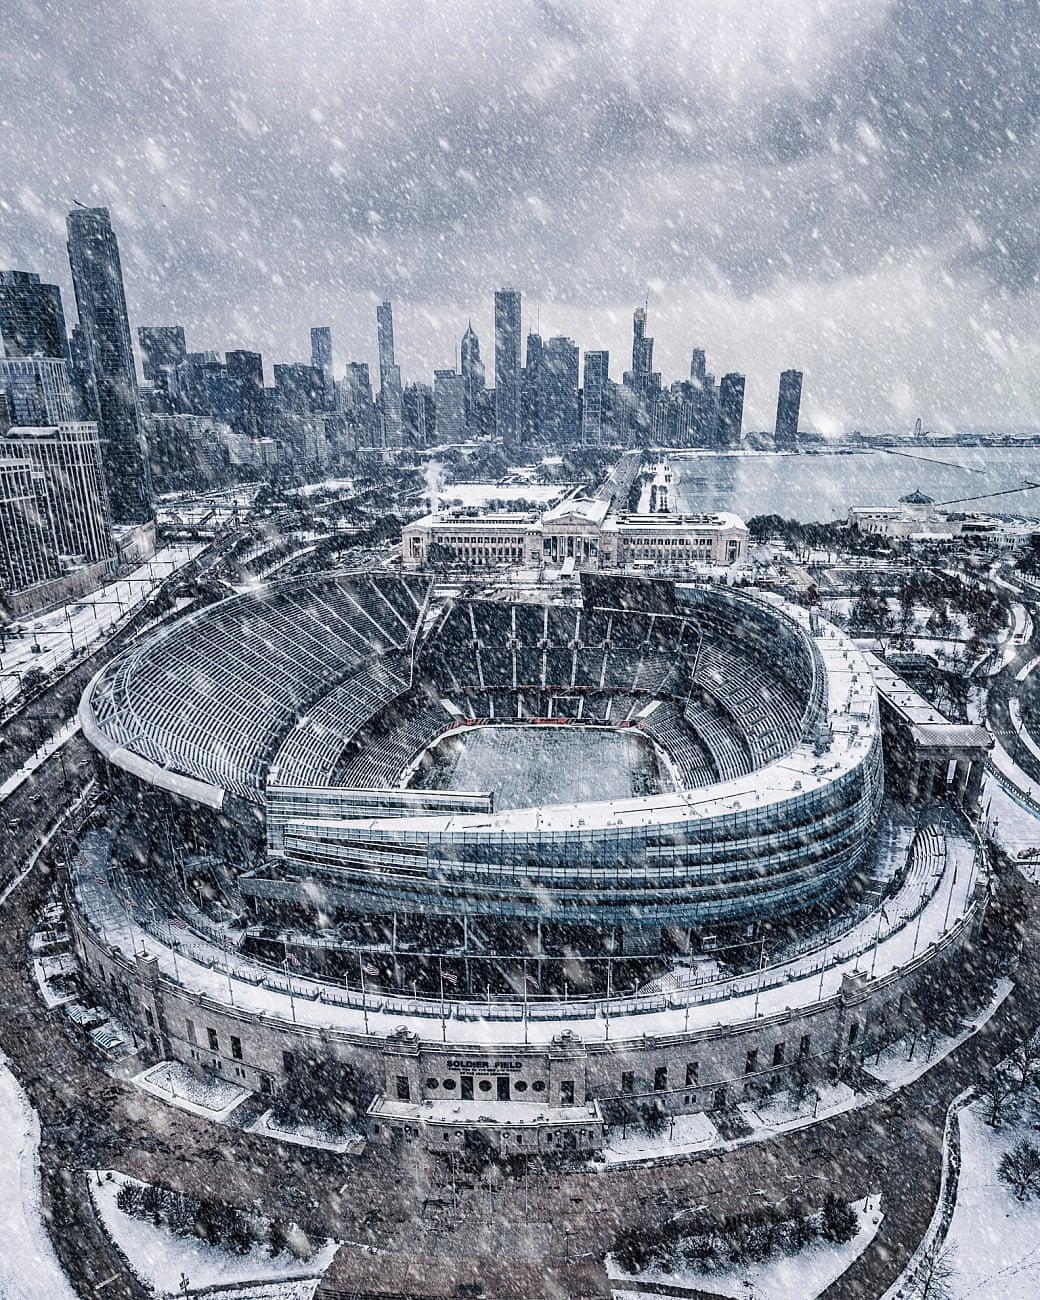 Χιονοθύελλα πάνω από το γήπεδο ράγκμπι Soldier του Σικάγο, τον περασμένο Νοέμβριο